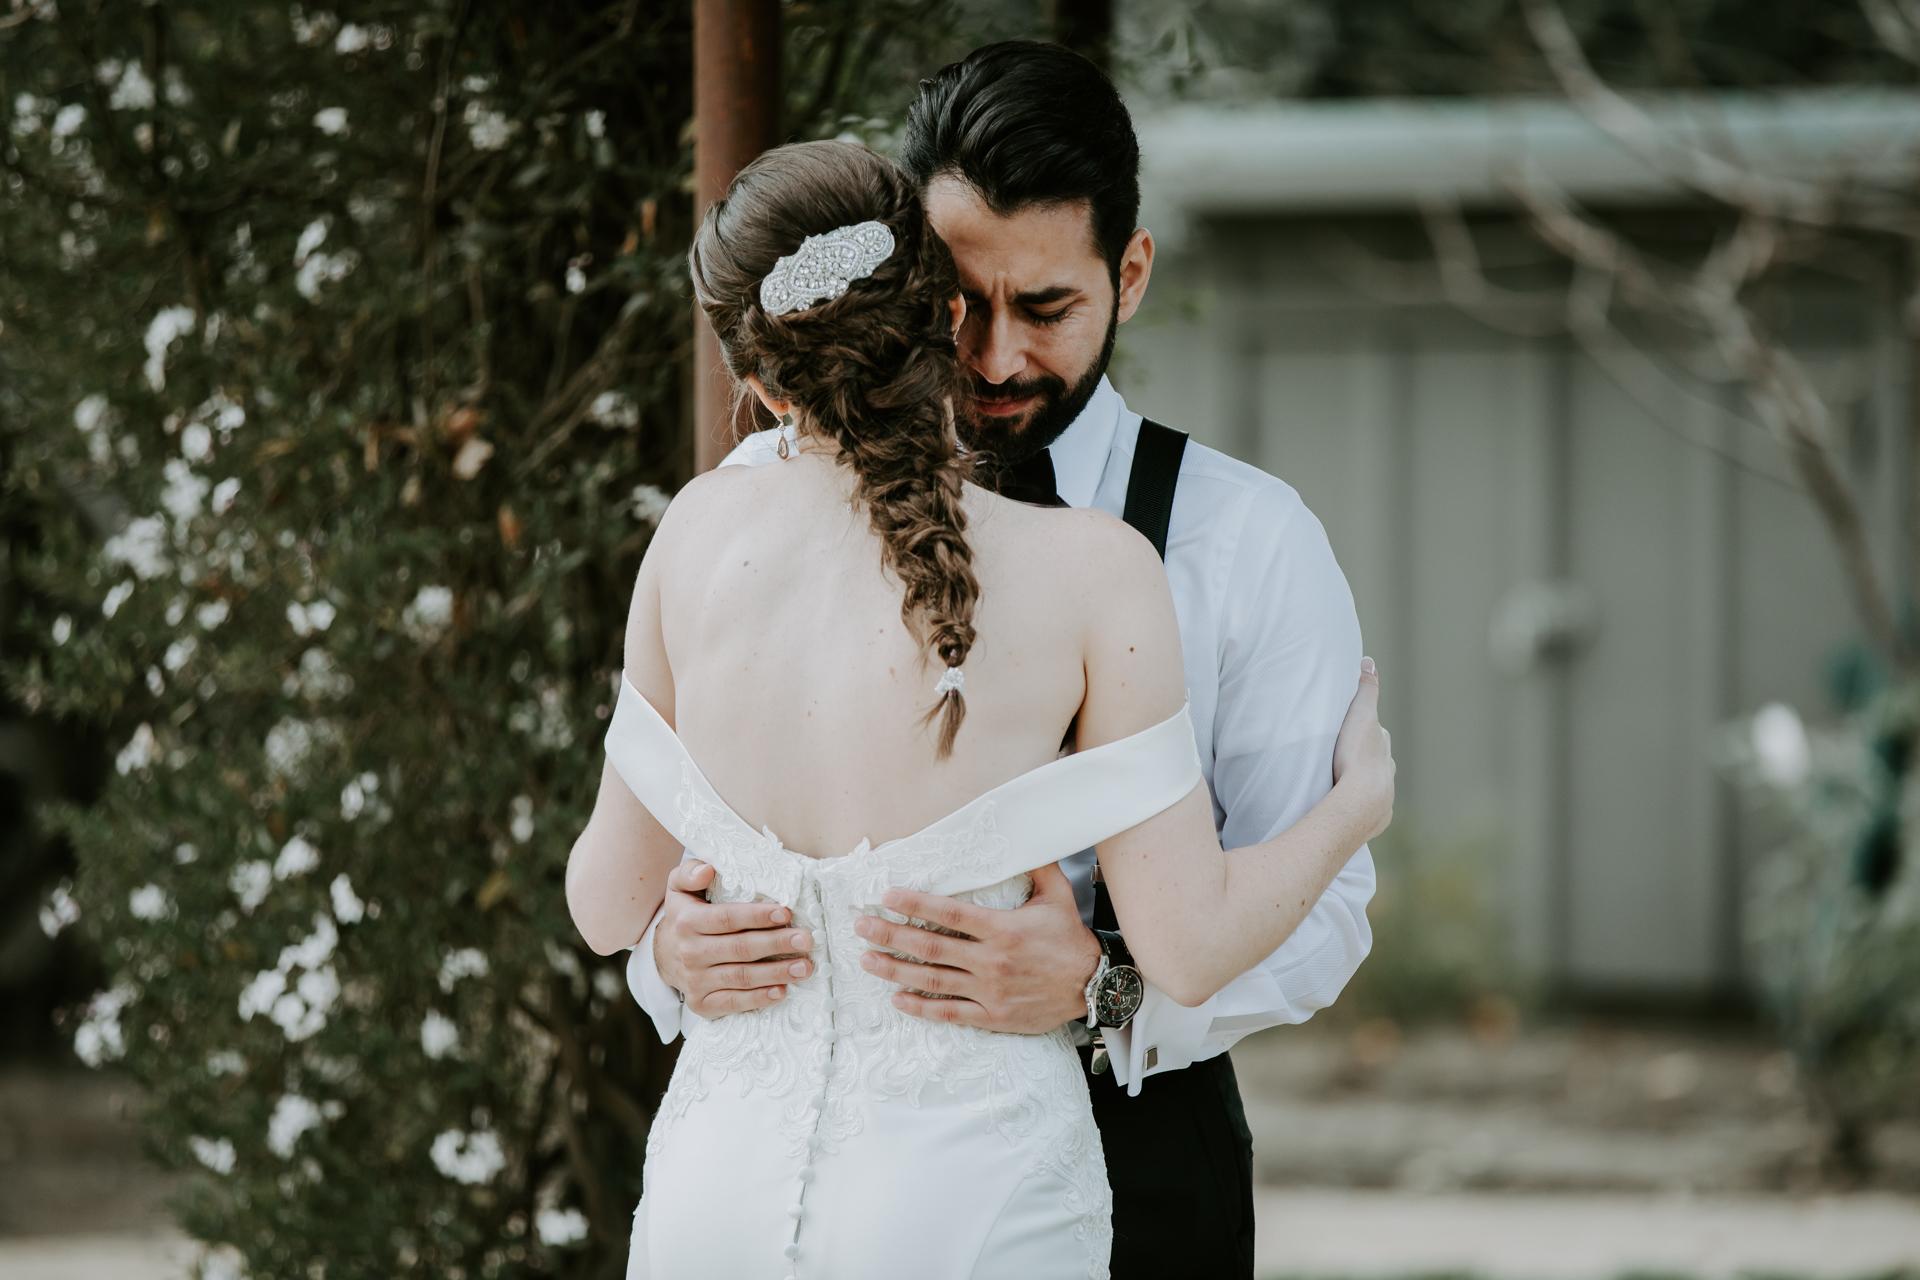 celine_luis_wedding-7473.jpg